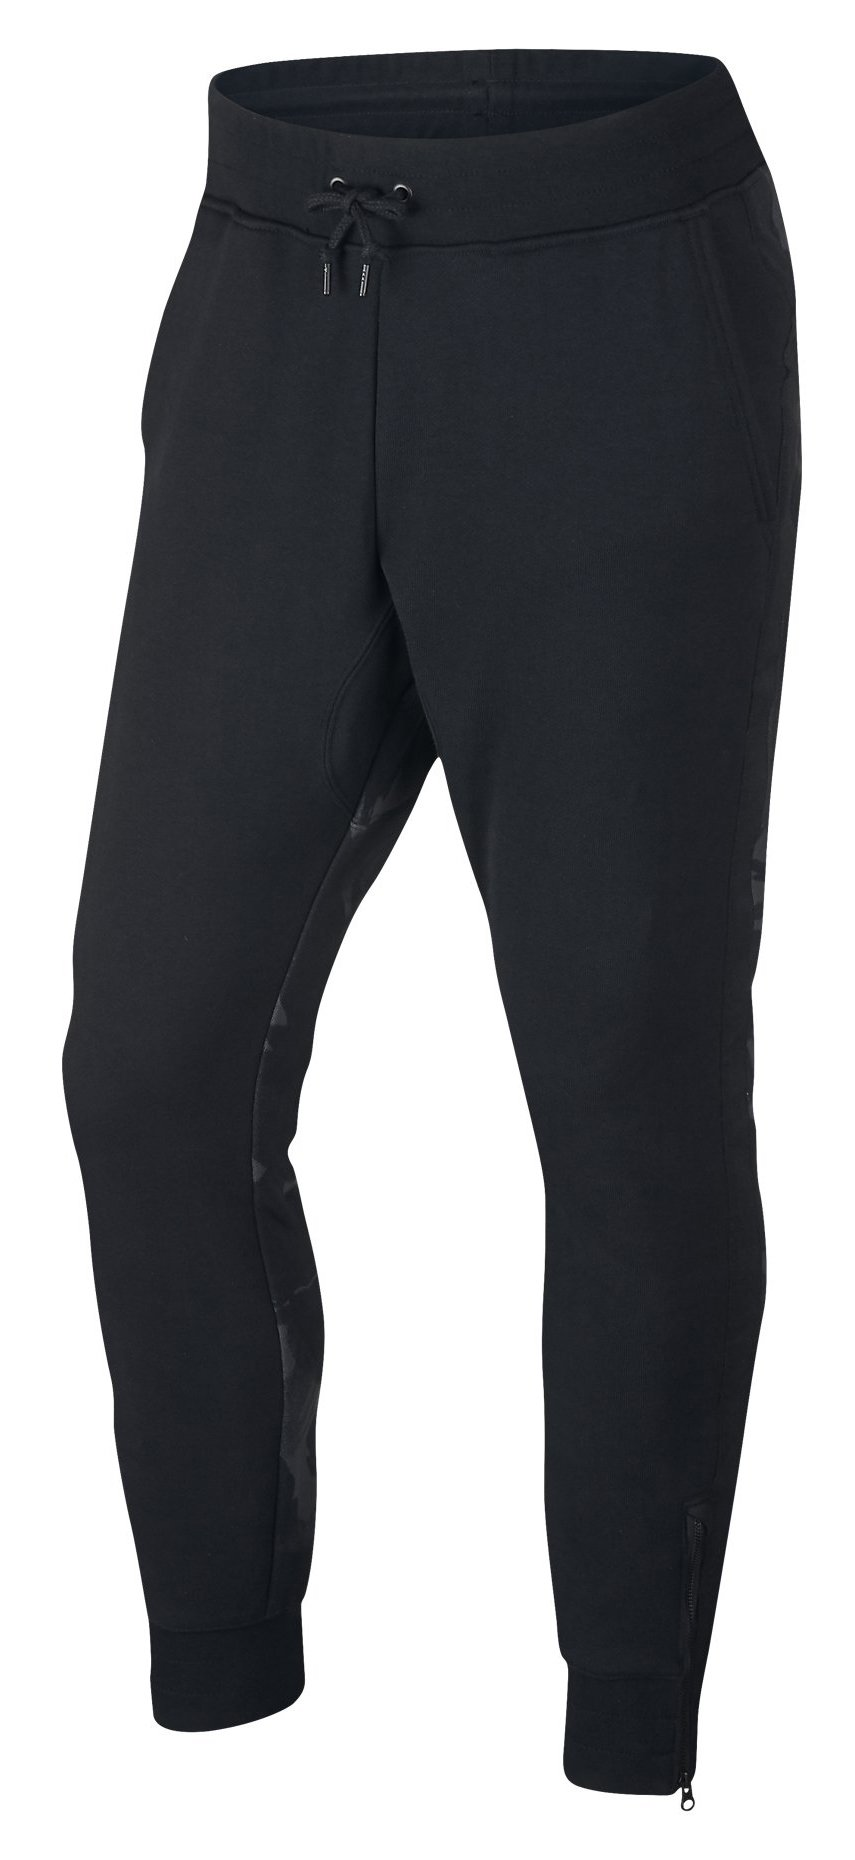 Kalhoty Nike FC LIBERO GX FT PANT